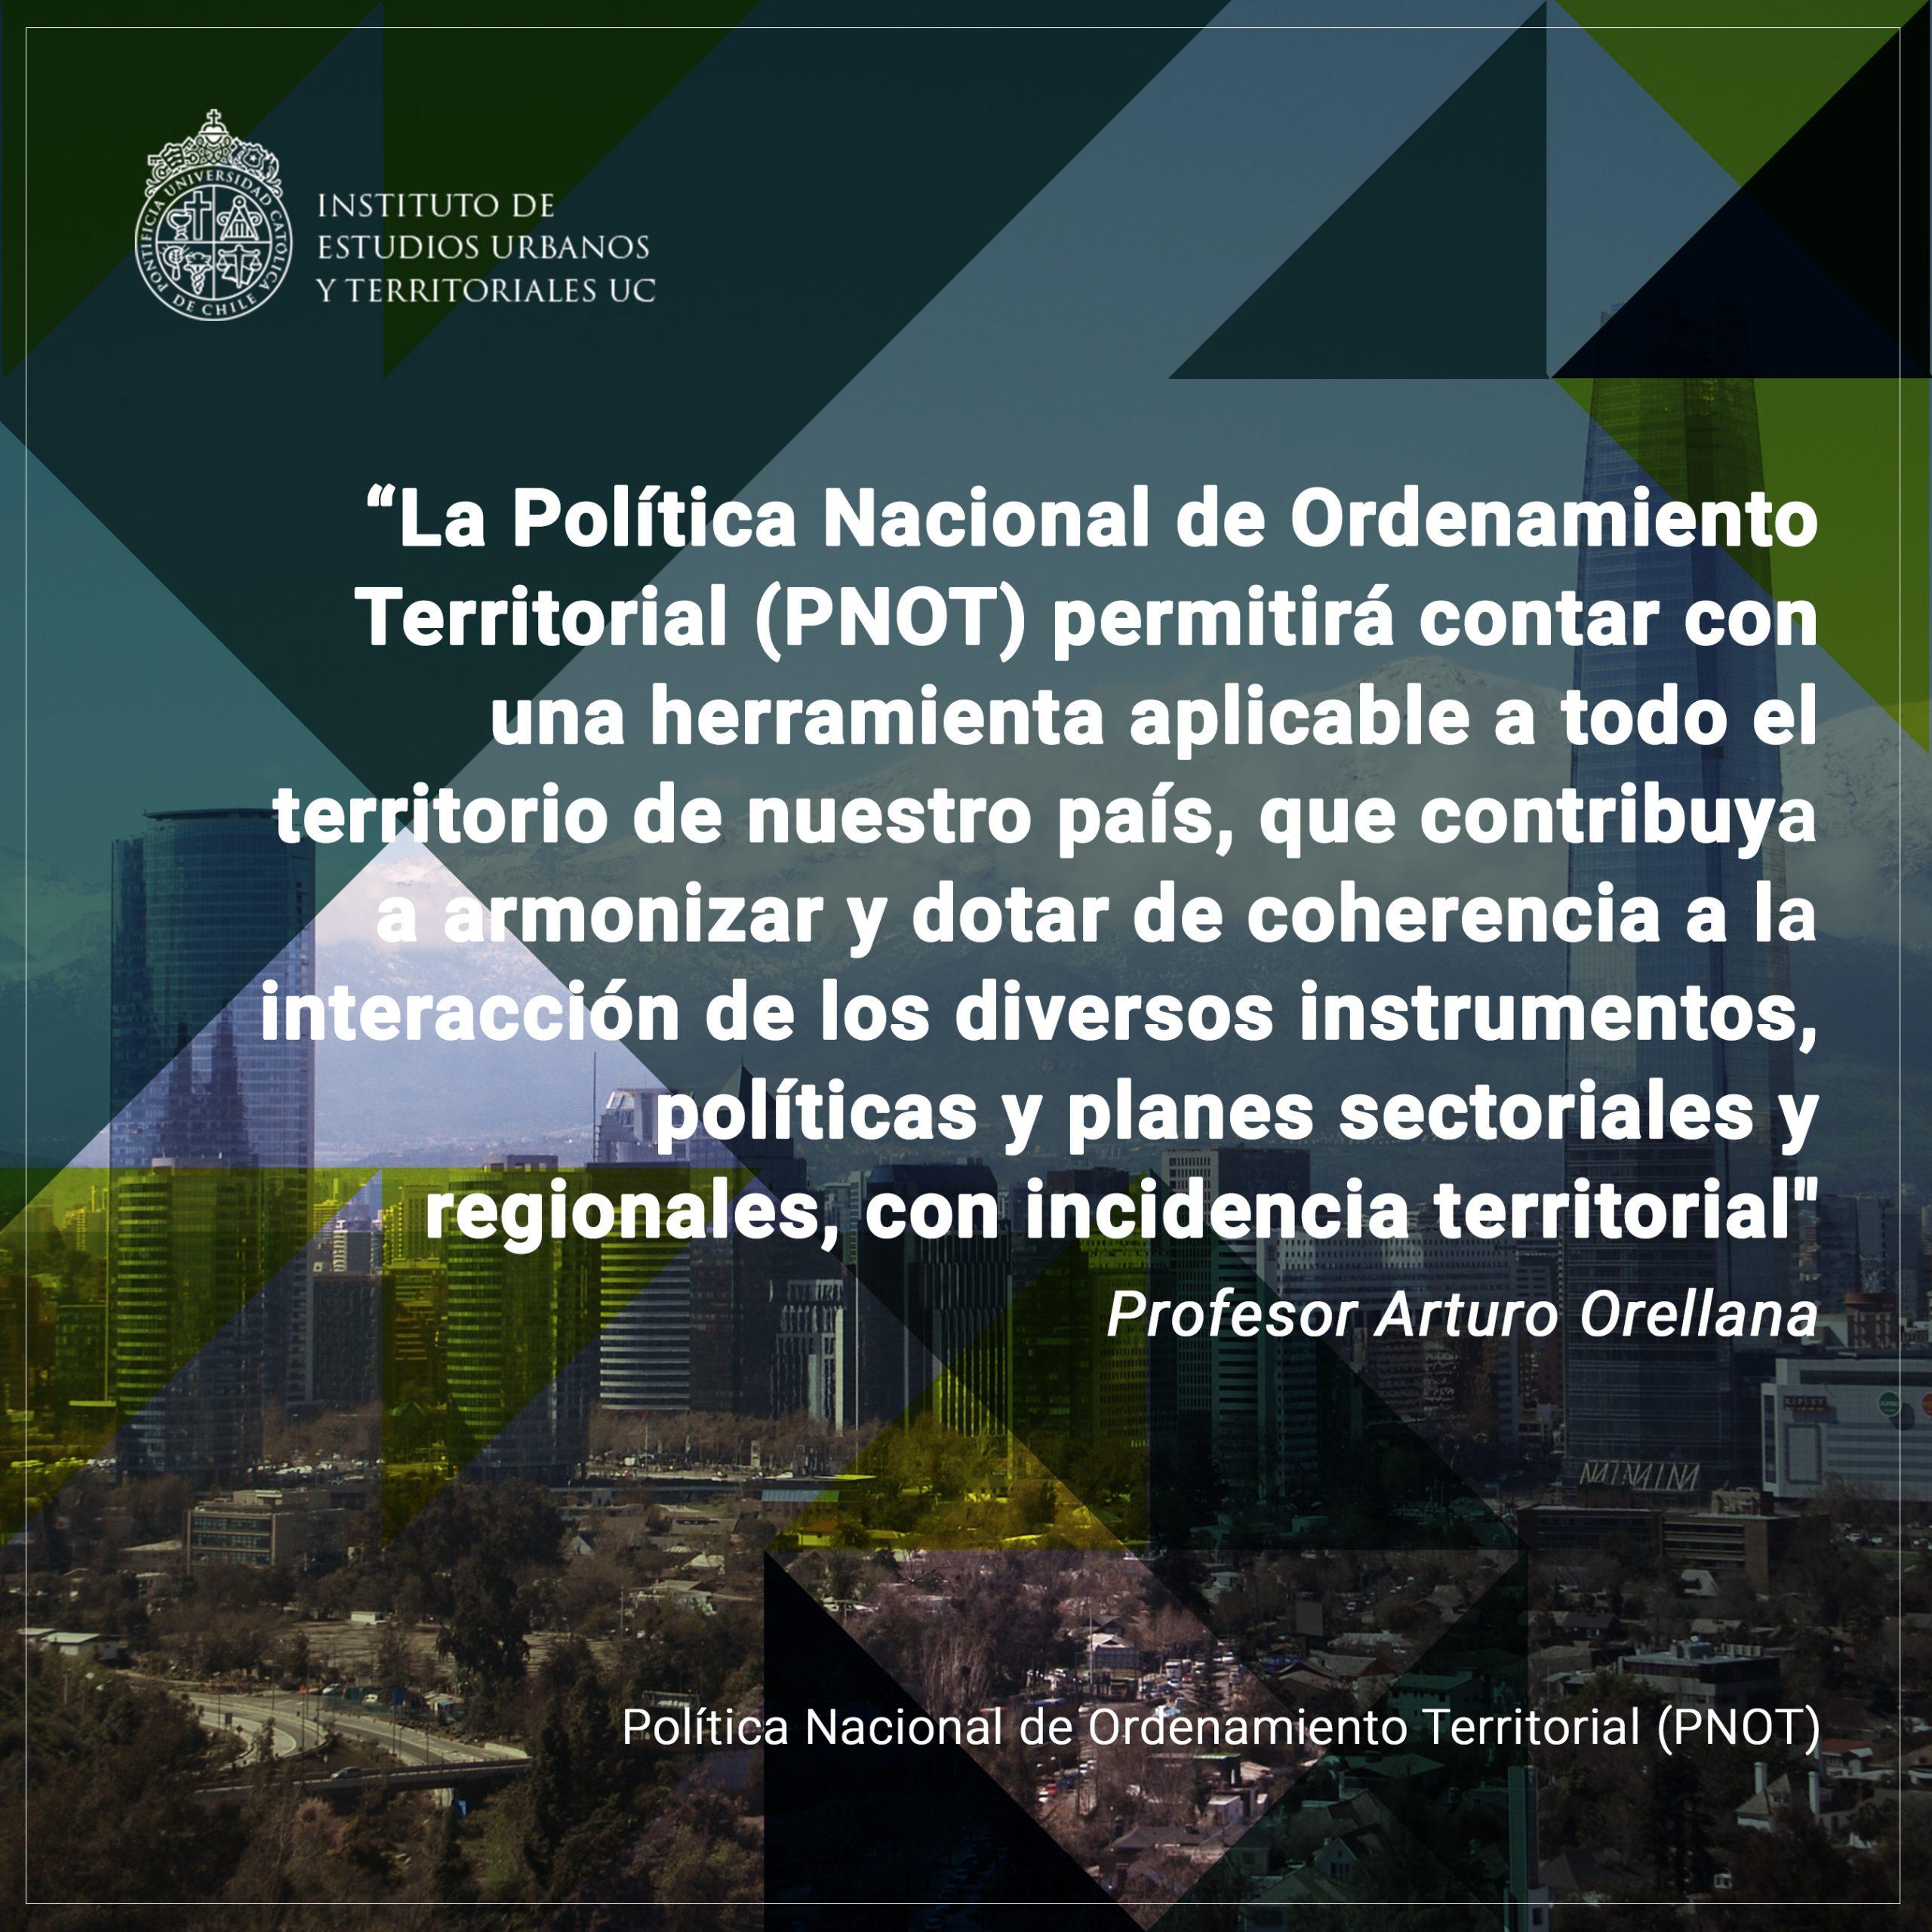 Profesores/as IEUT participaron en la formulación de la Política Nacional de Ordenamiento Territorial